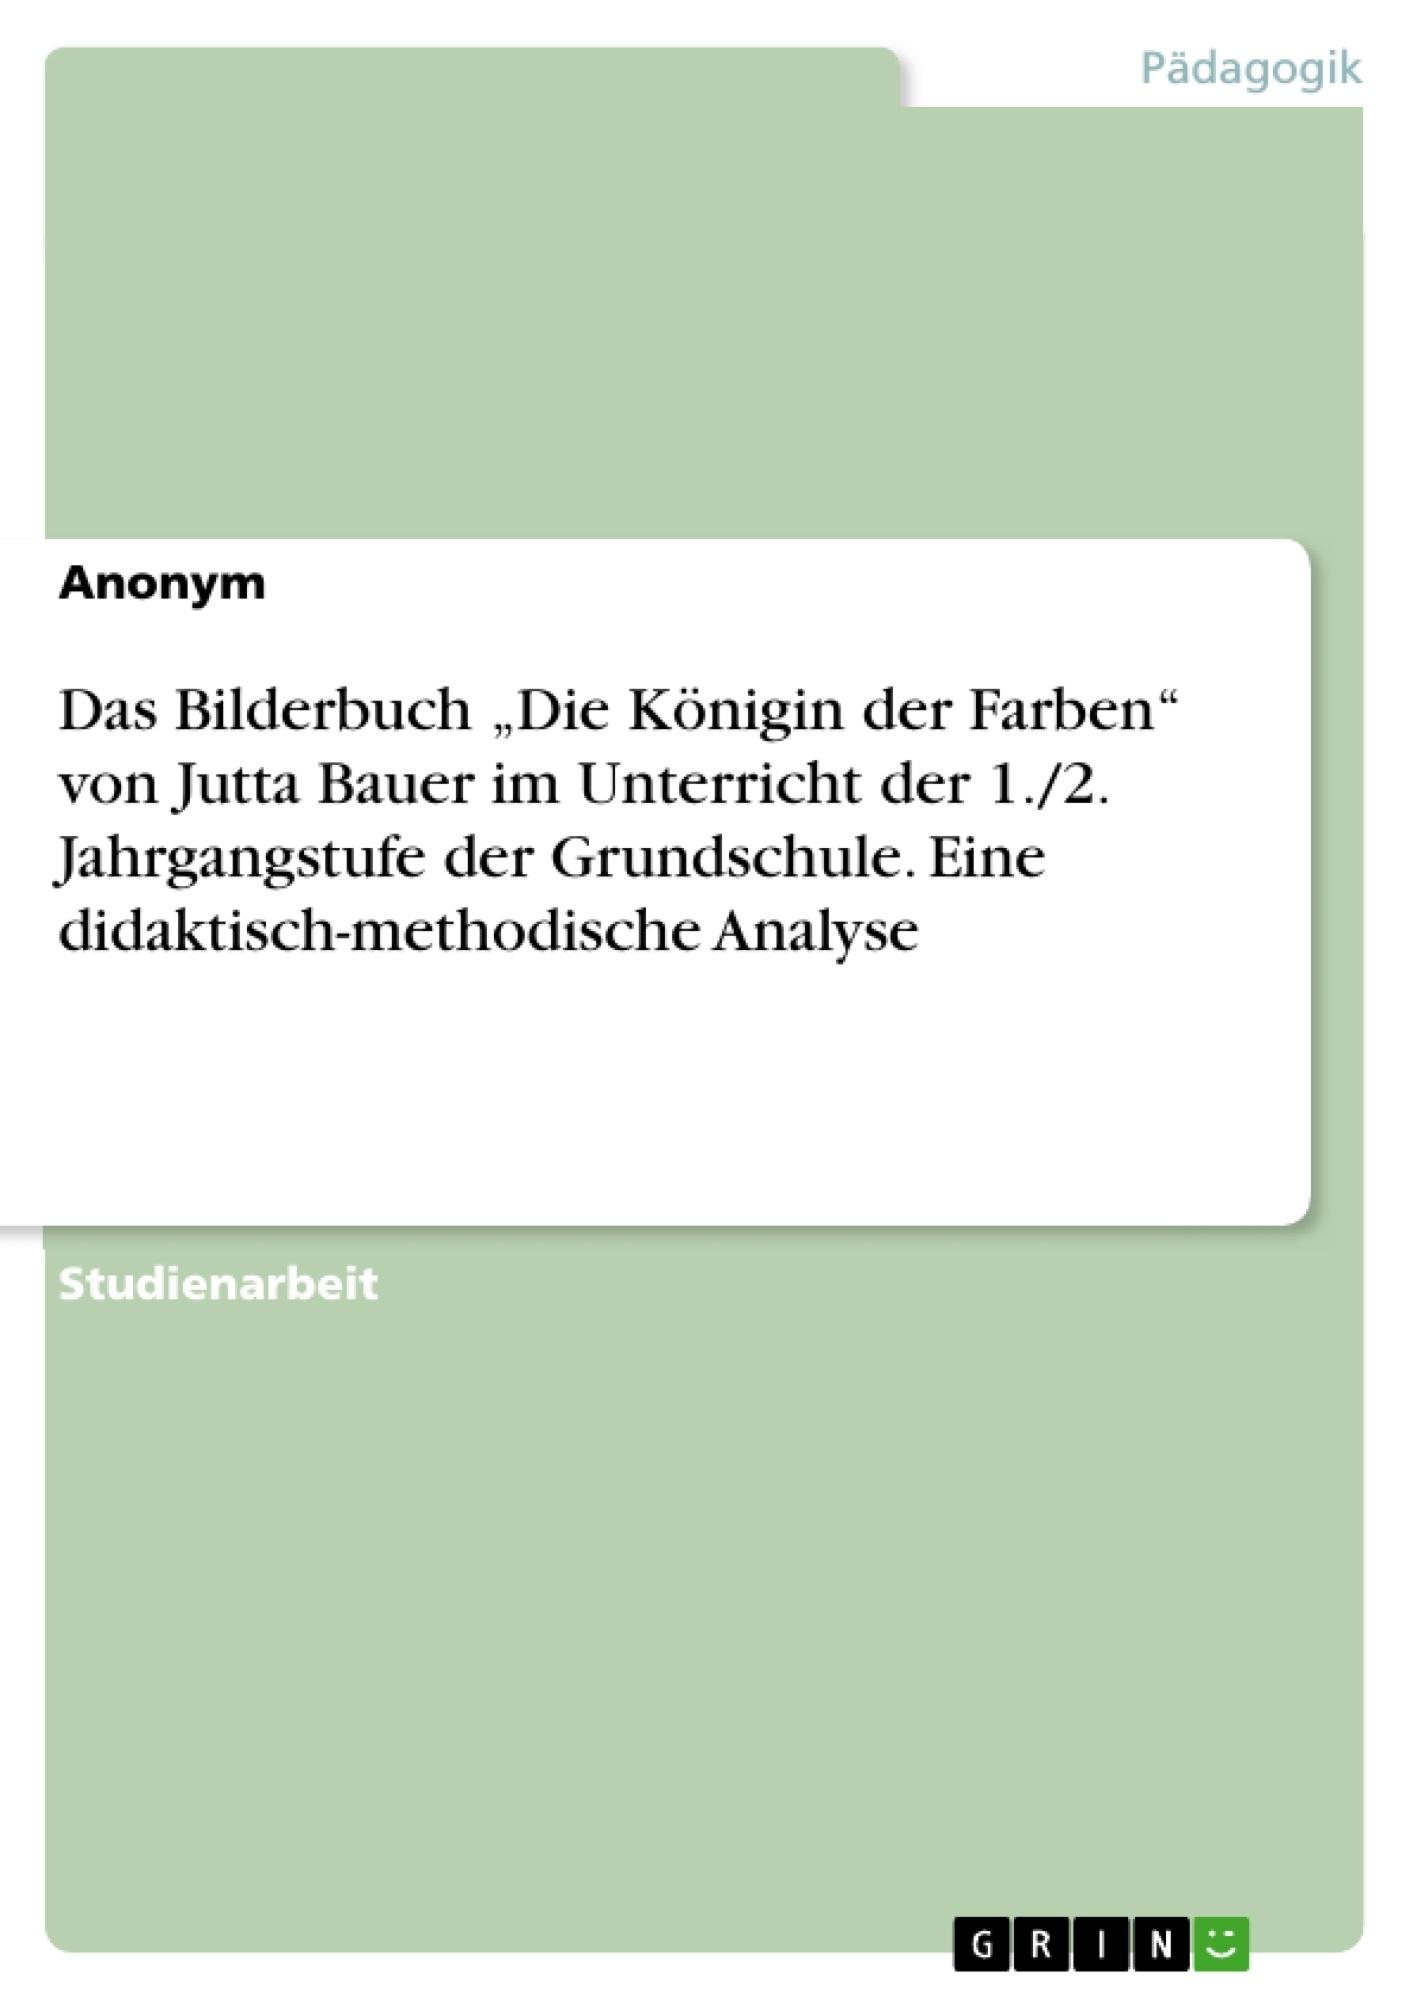 """Titel: Das Bilderbuch """"Die Königin der Farben"""" von Jutta Bauer im Unterricht der 1./2. Jahrgangstufe der Grundschule. Eine didaktisch-methodische Analyse"""